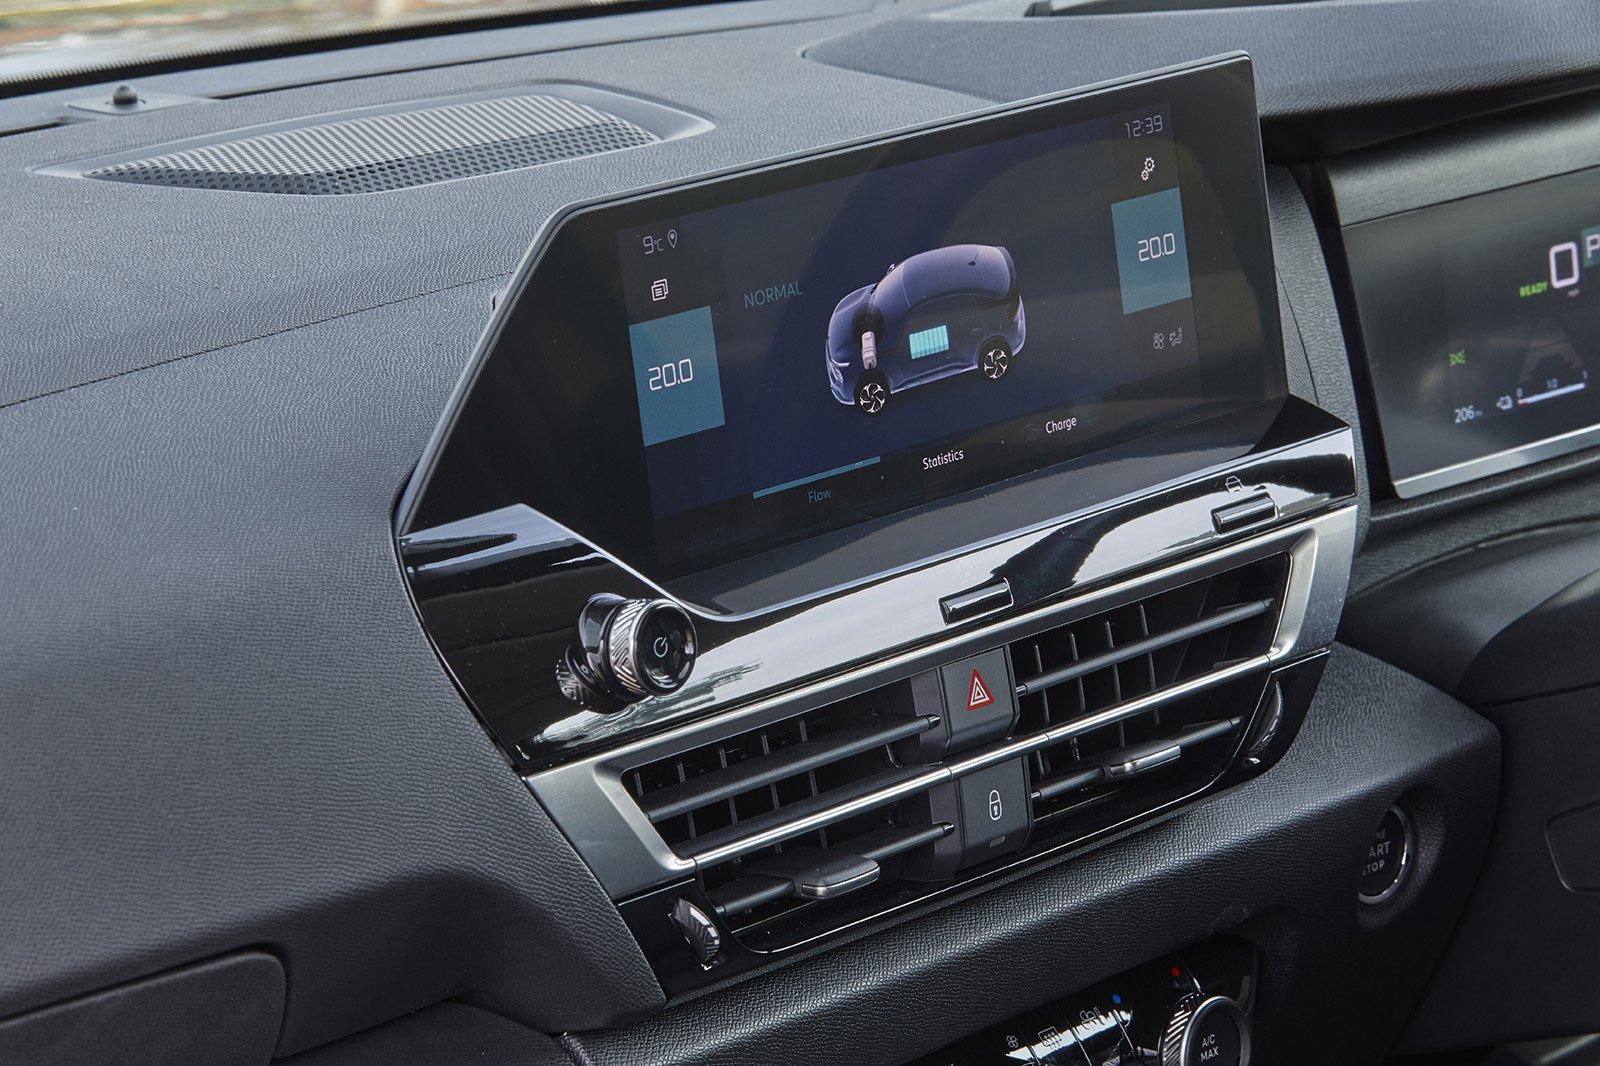 Citroën e-C4 2021 infotainment